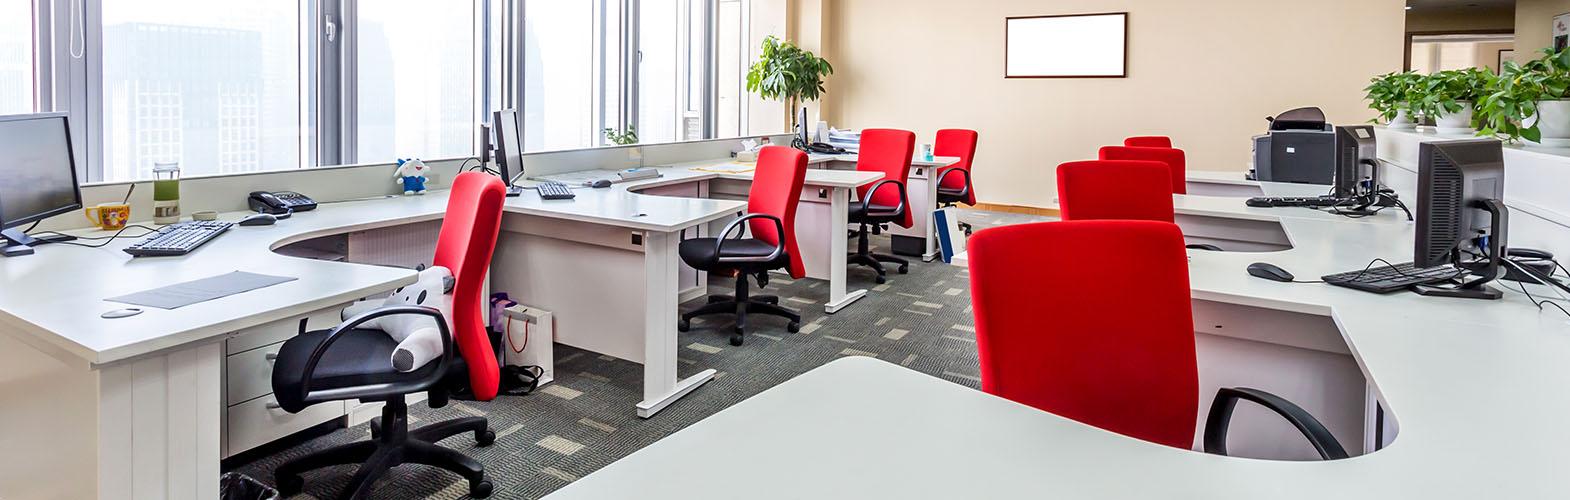 Ergonomic Office Design Consultation